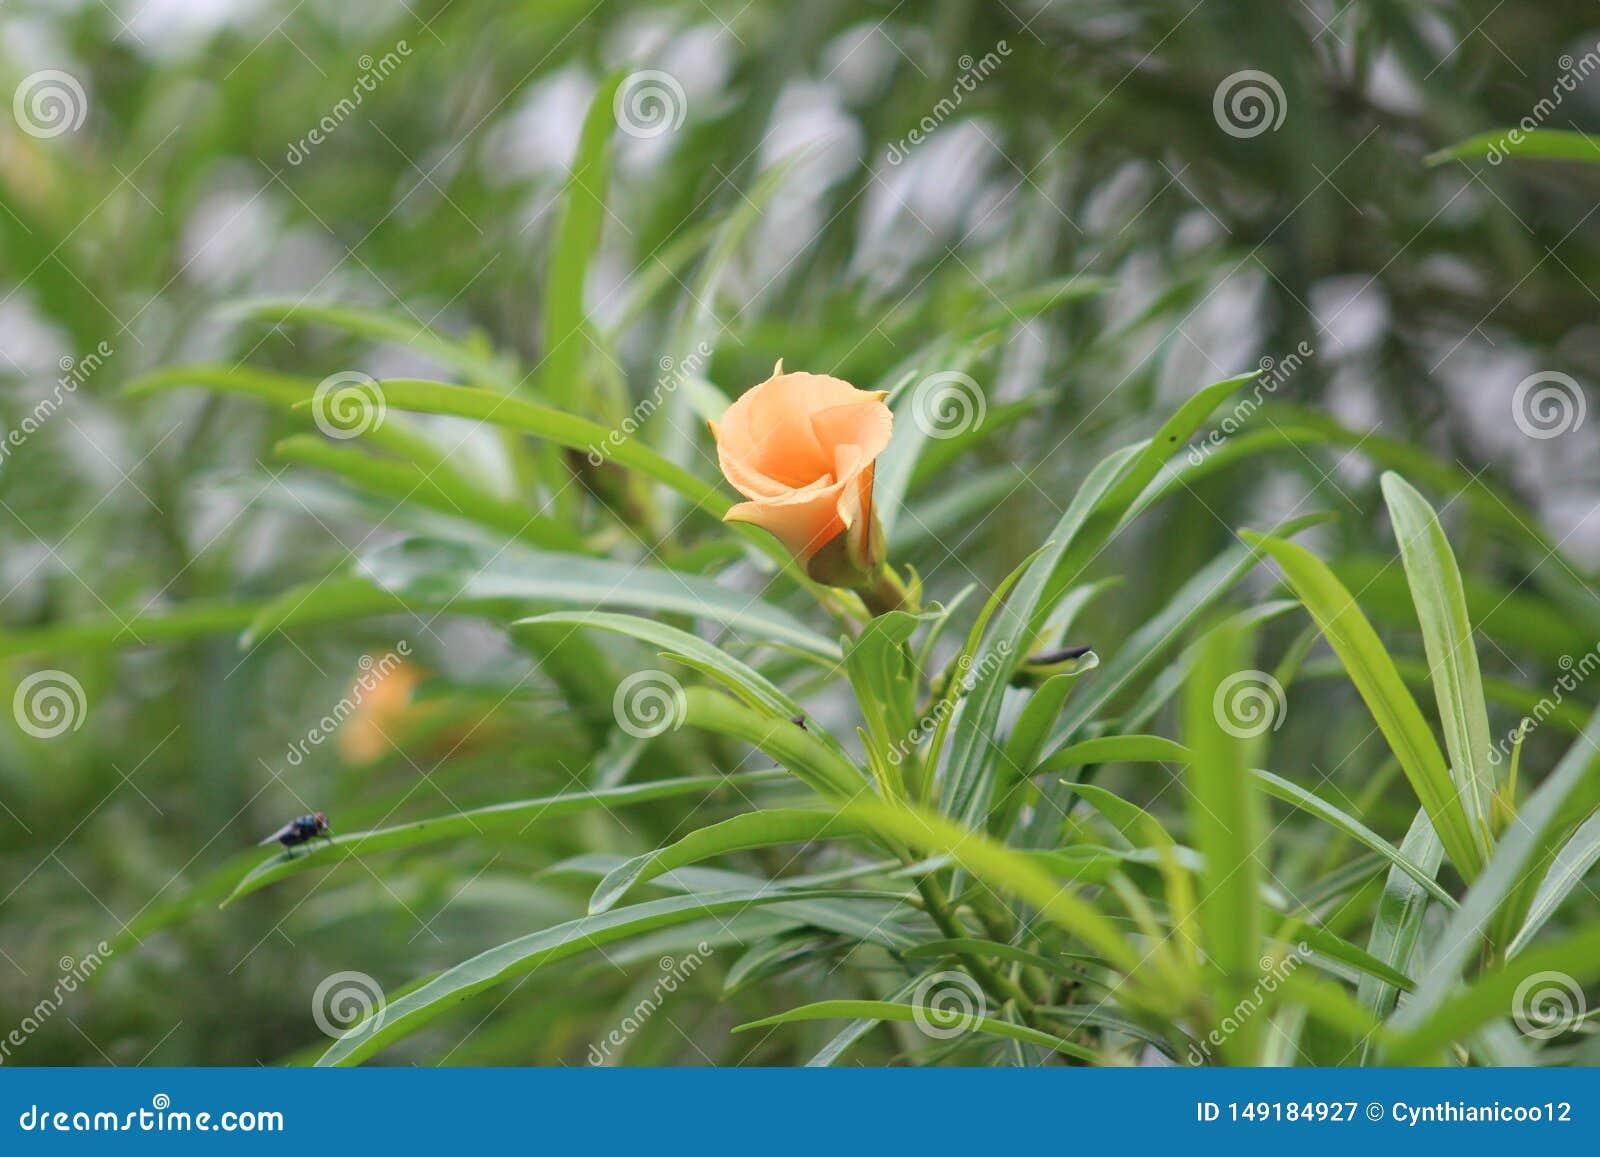 Eine Gr?npflanze w?hrend einer Sommersaison gekennzeichnet durch eine orange Blume